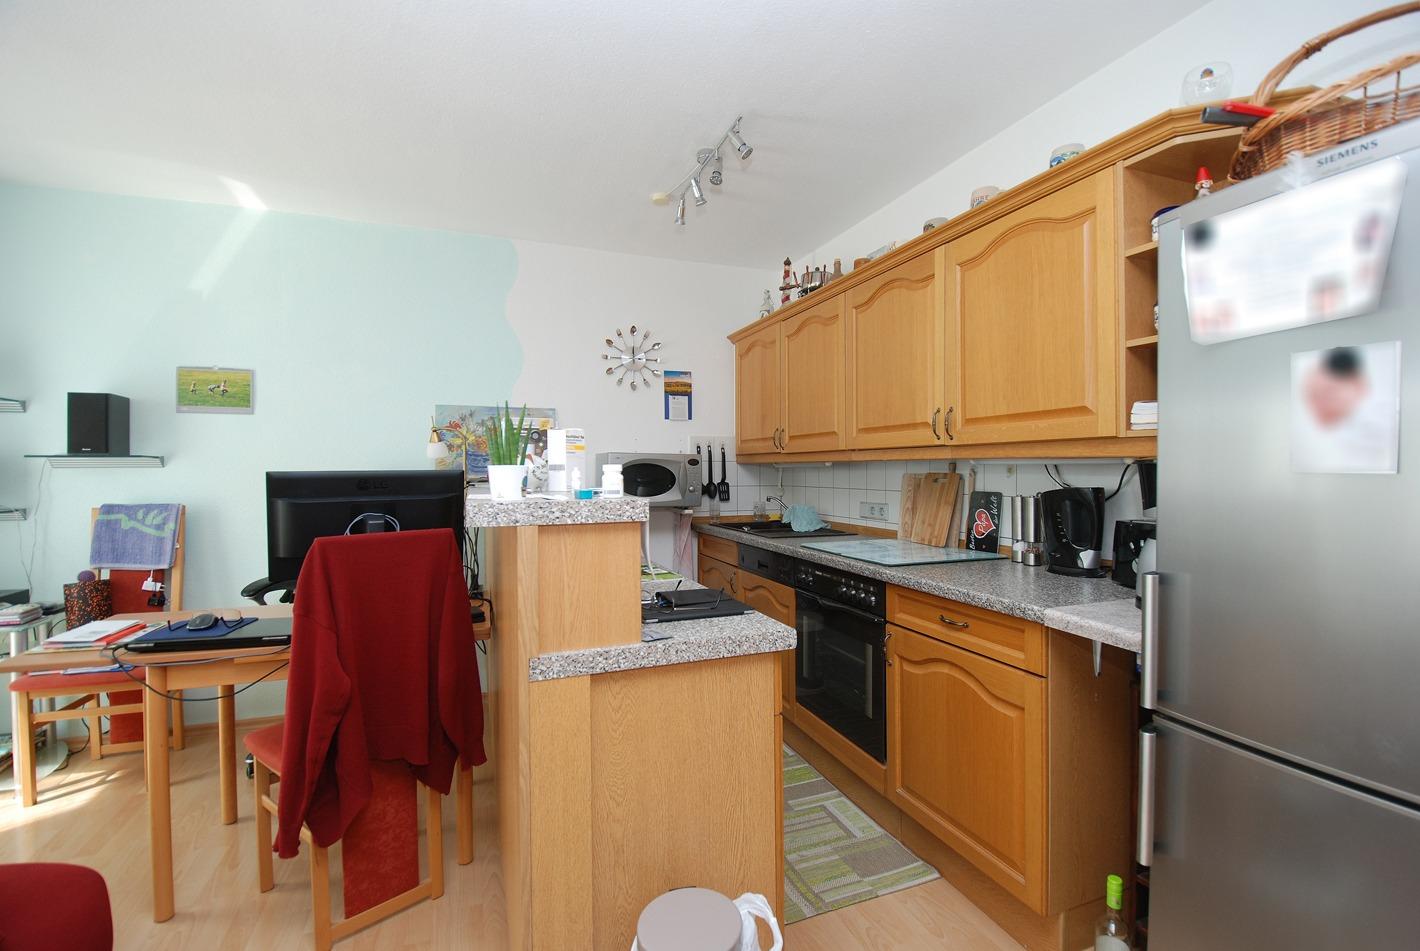 Eigentumswohnung Diemitz - offener Küchen-Wohnbereich